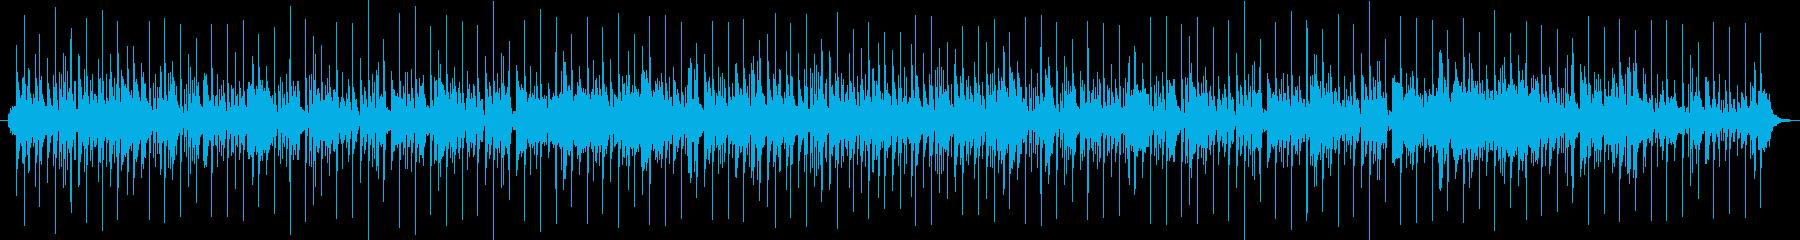 テンポの早い和風のゲーム用BGMの再生済みの波形